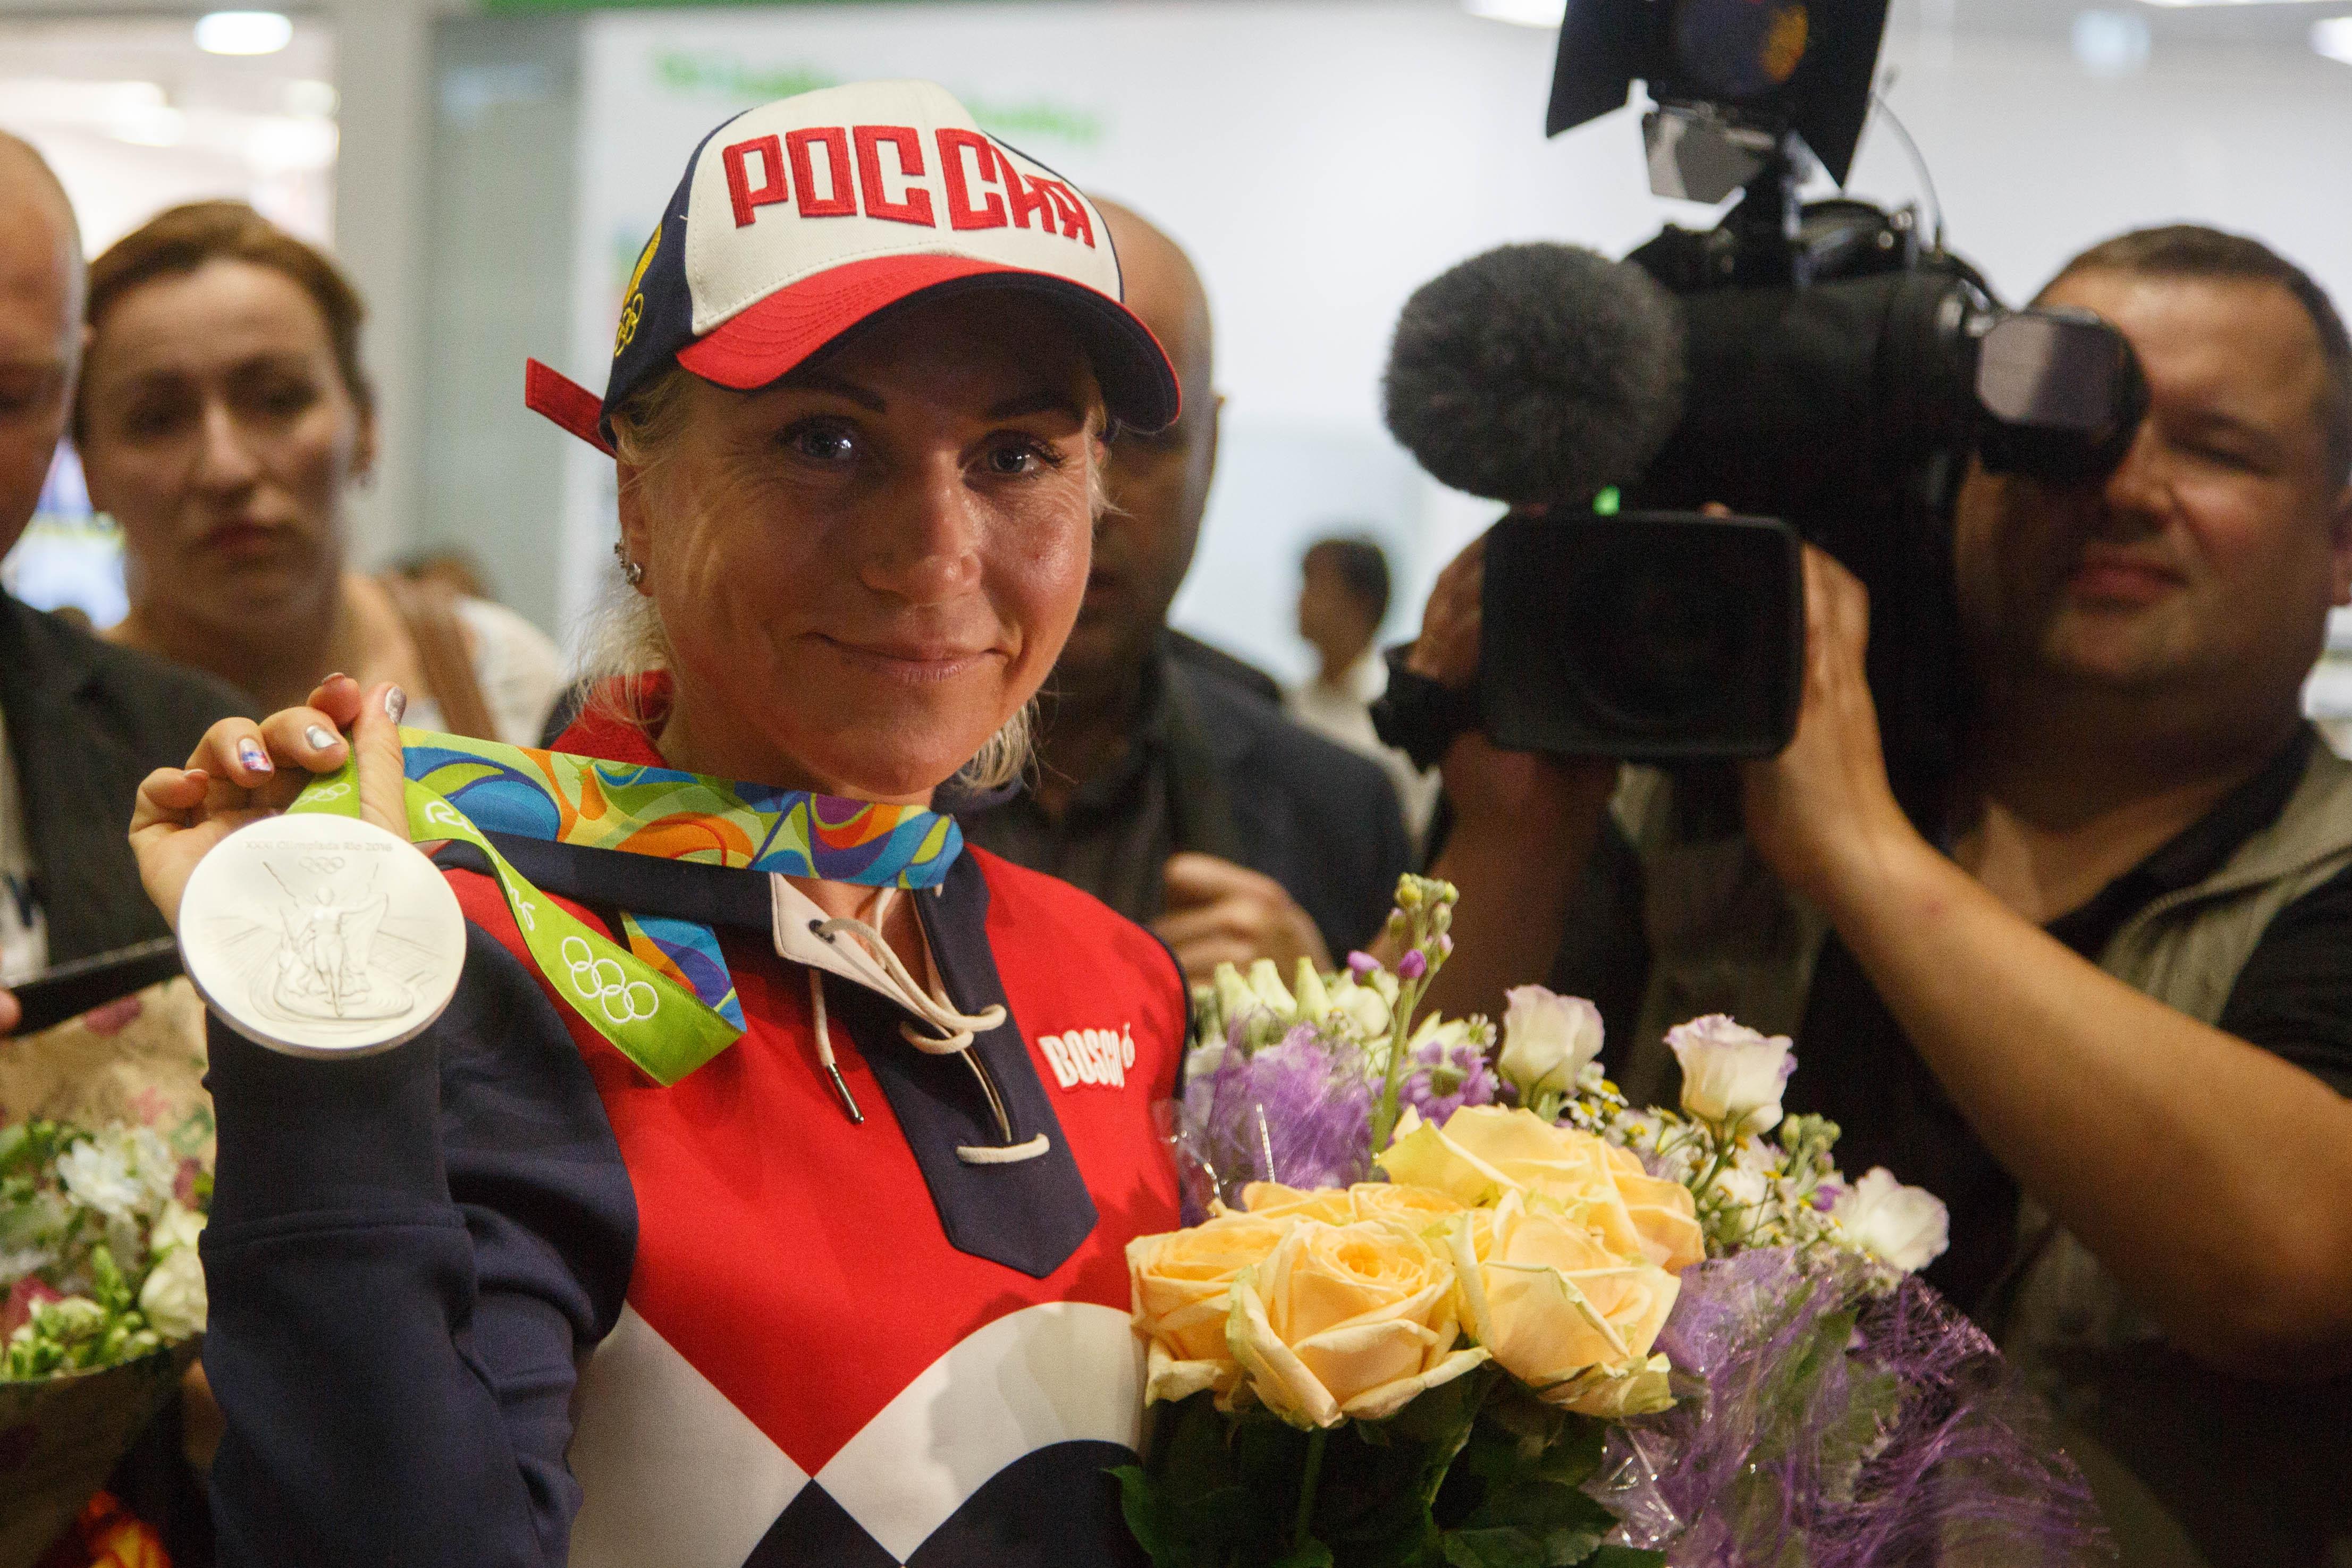 В Пулково нашу чемпионку встречали мама, сын, болельщики, юные спортсмены и, конечно, целая стая журналистов и чиновников.